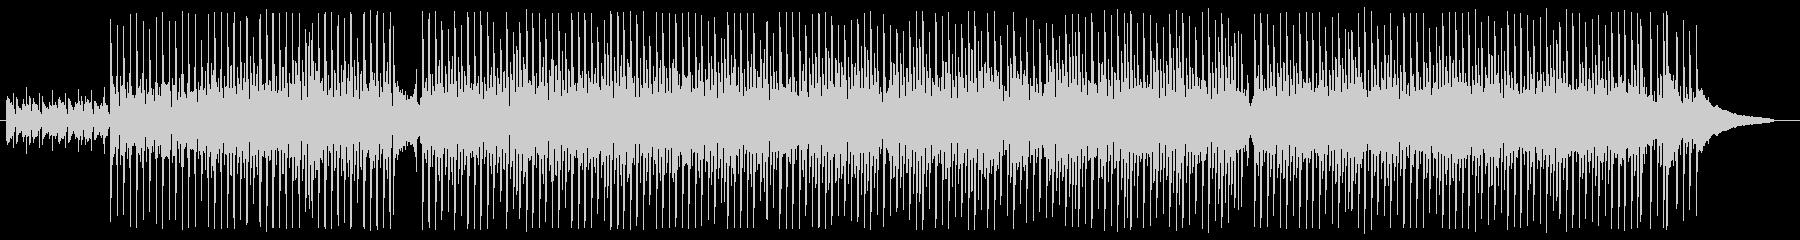 企業PVや動画BGMなど、ピアノインストの未再生の波形